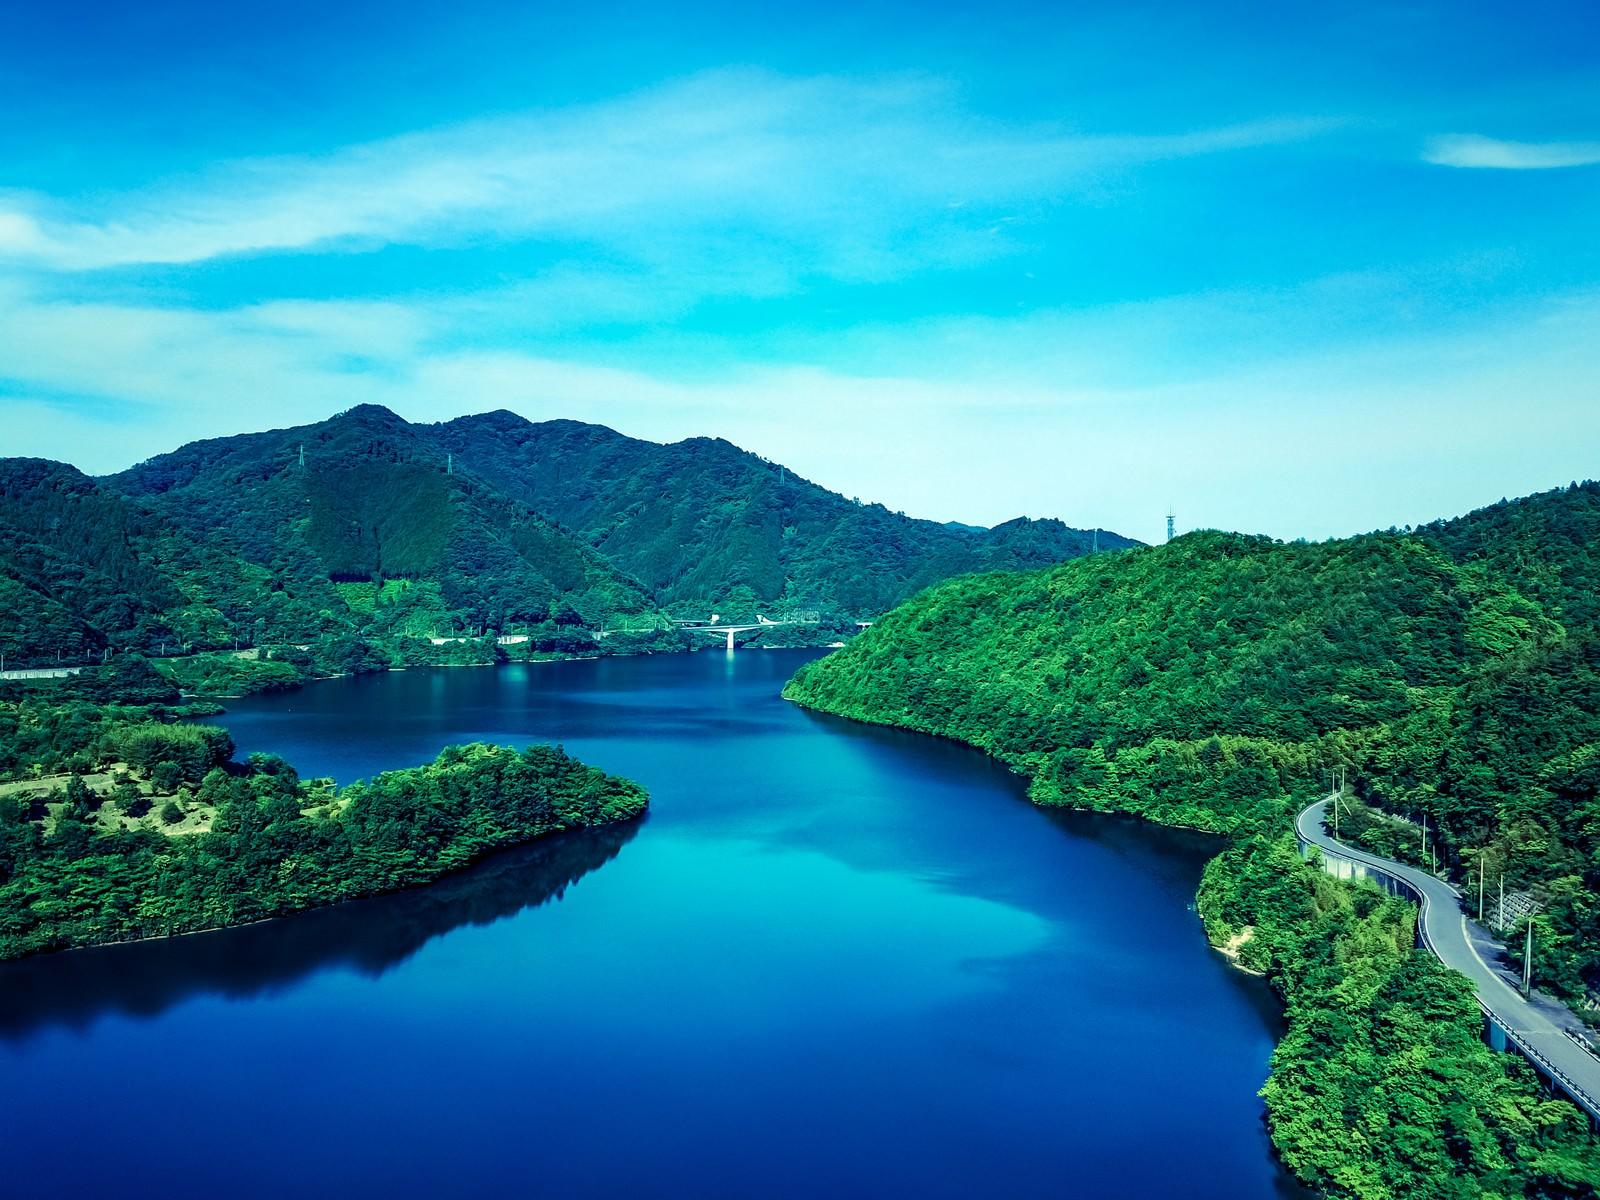 「奥津湖(おくつこ)」の写真